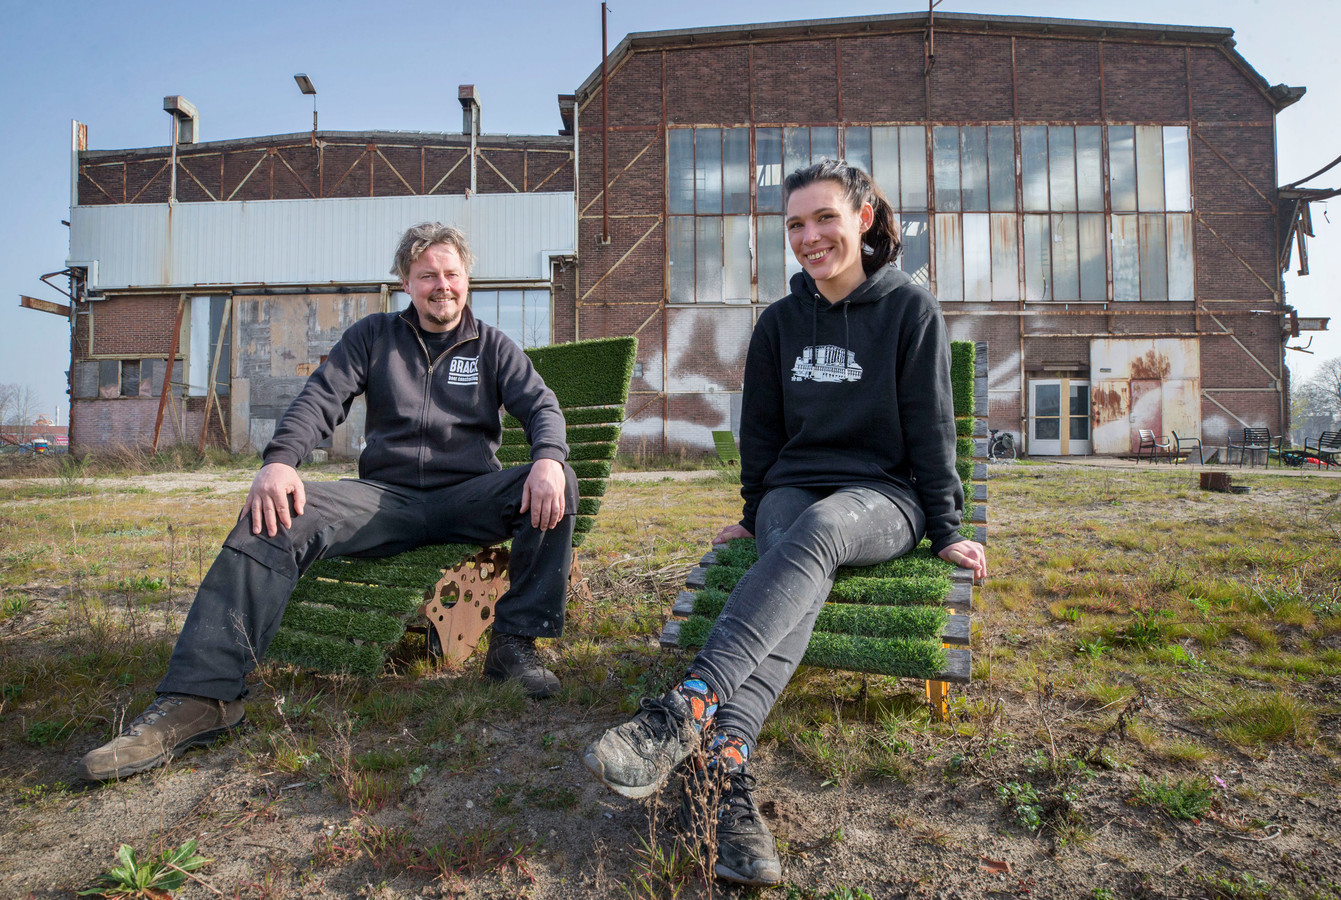 Tim van den Burg en Lotte van Boxtel voor de nieuwe locatie van proeflokaal Brack op het Havenkwartier aan de Speelhuislaan.